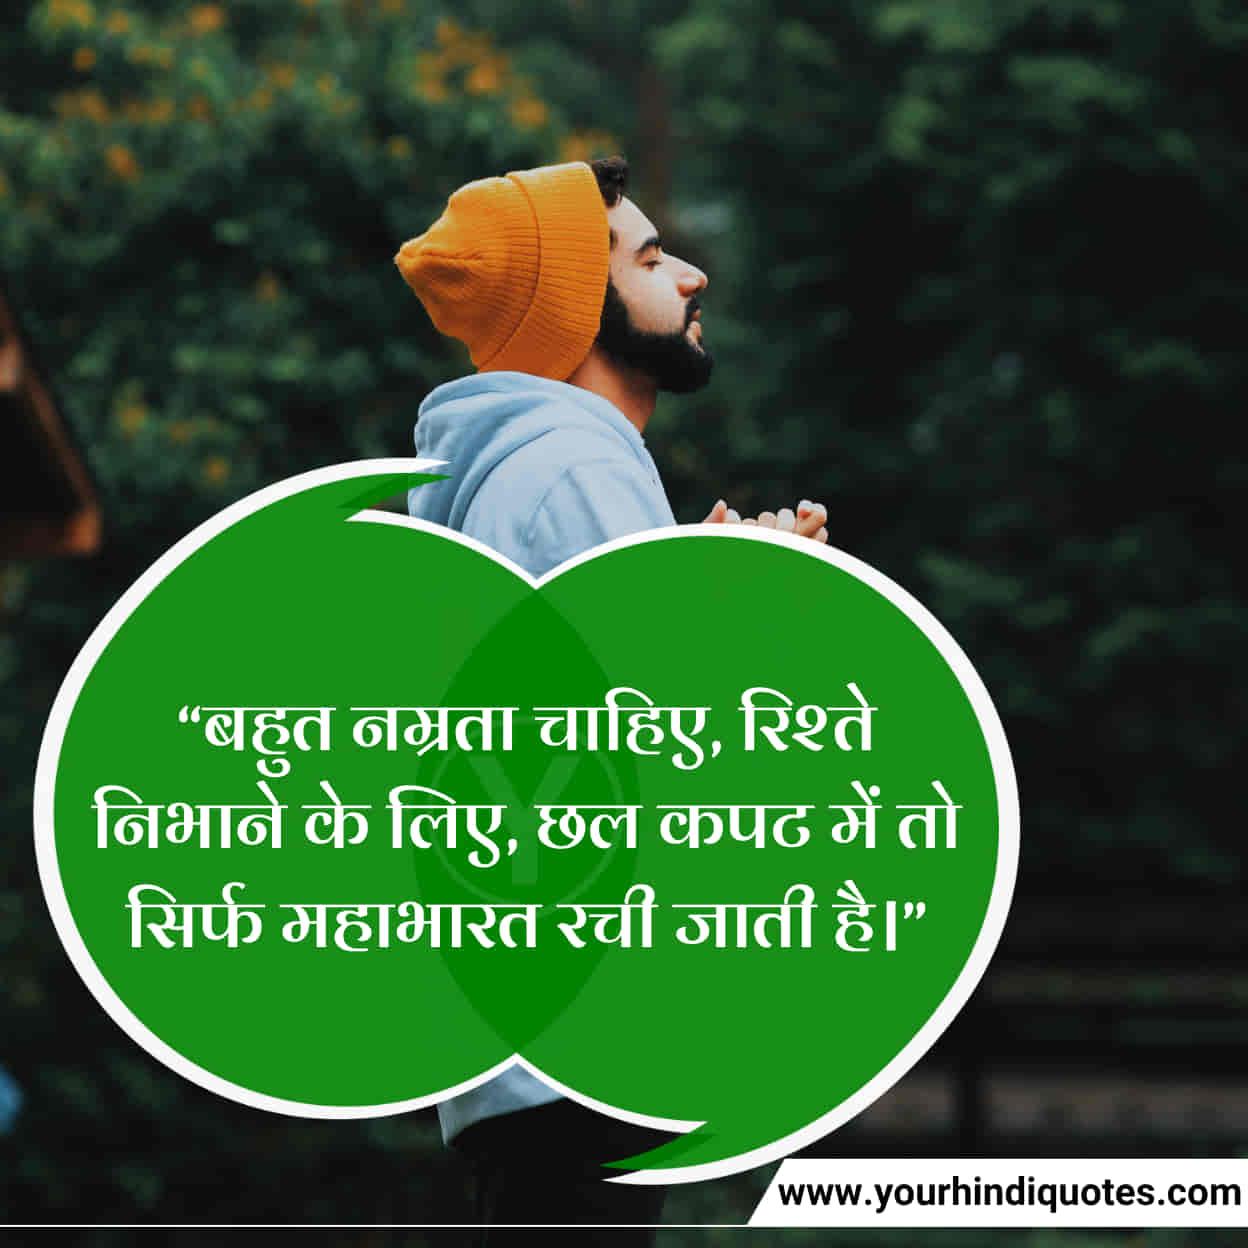 Hindi Family Quotes